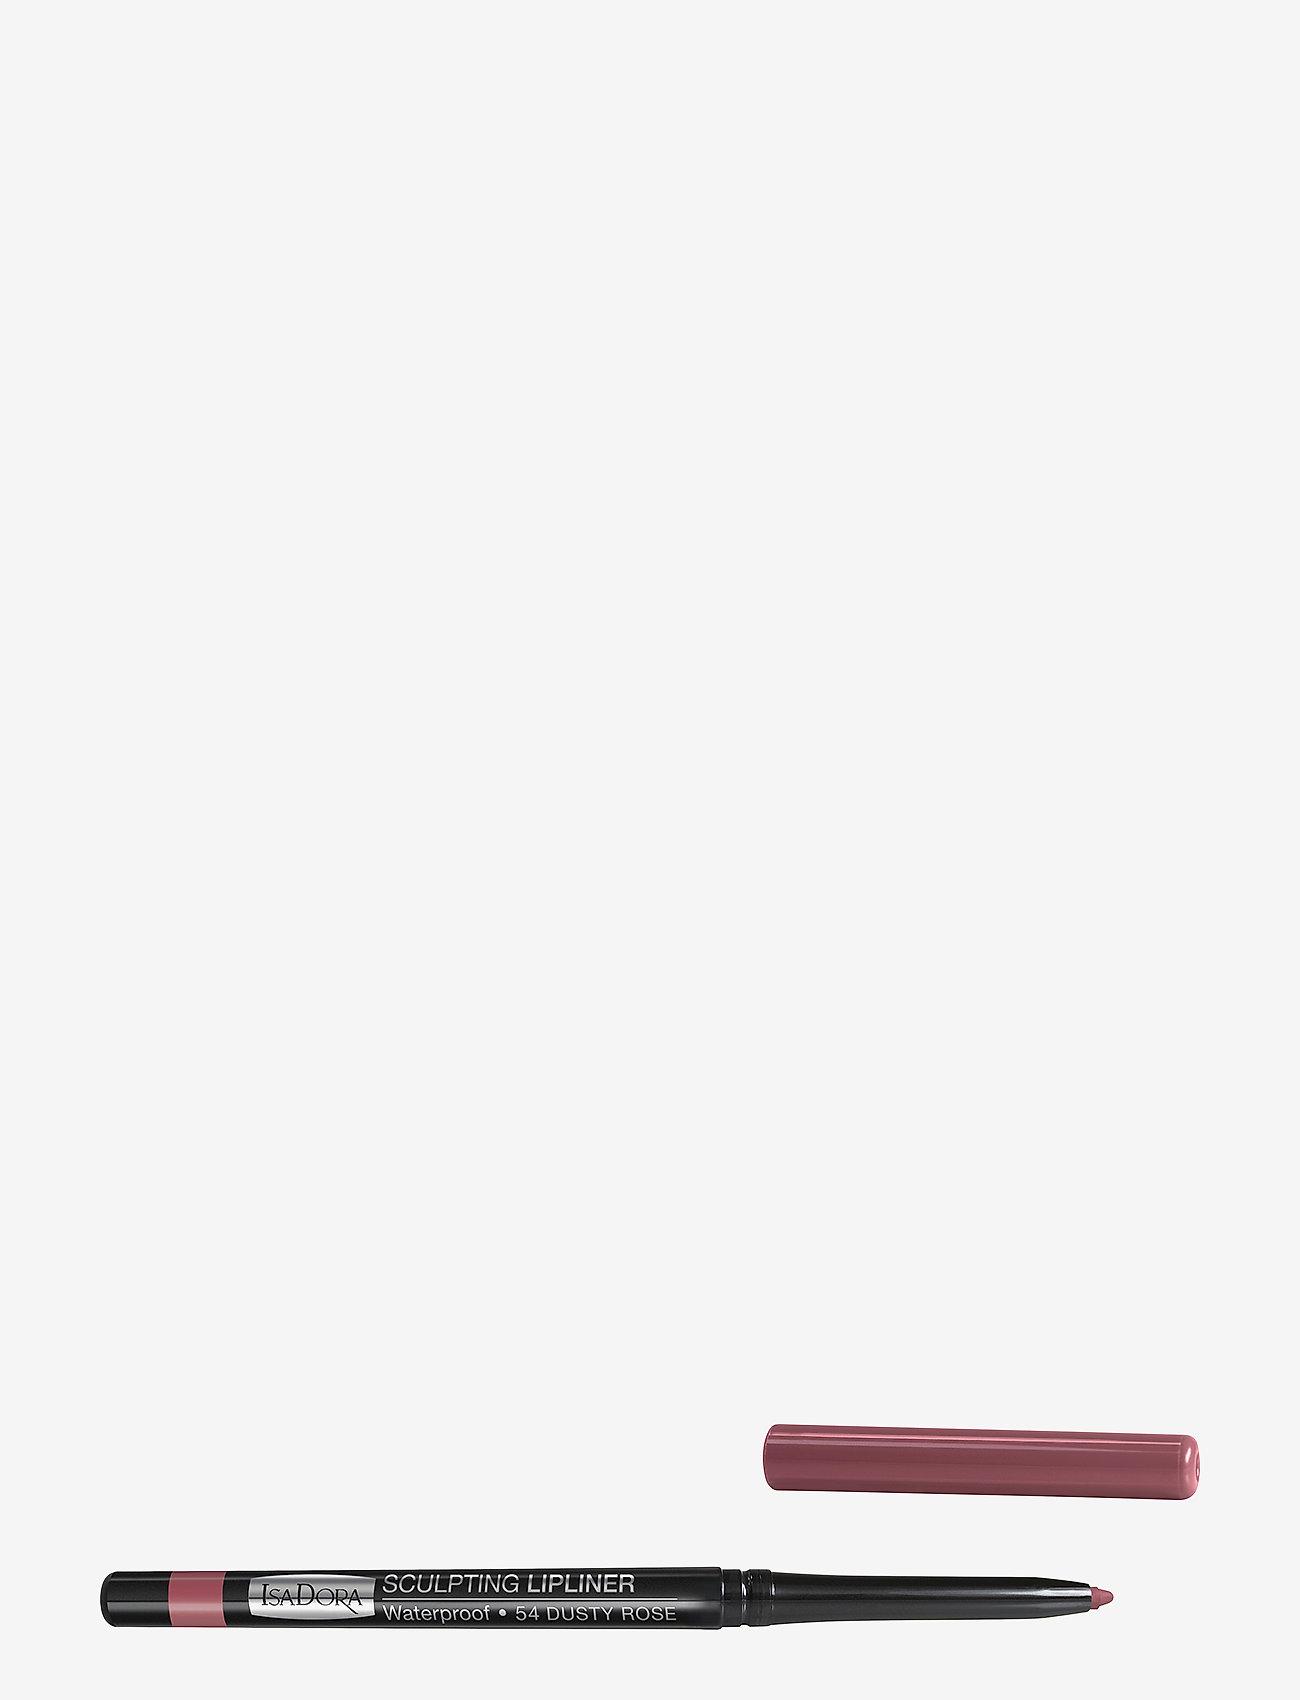 Isadora - Sculpting Lipliner Waterproof - läppenna - 54 dusty rose - 0